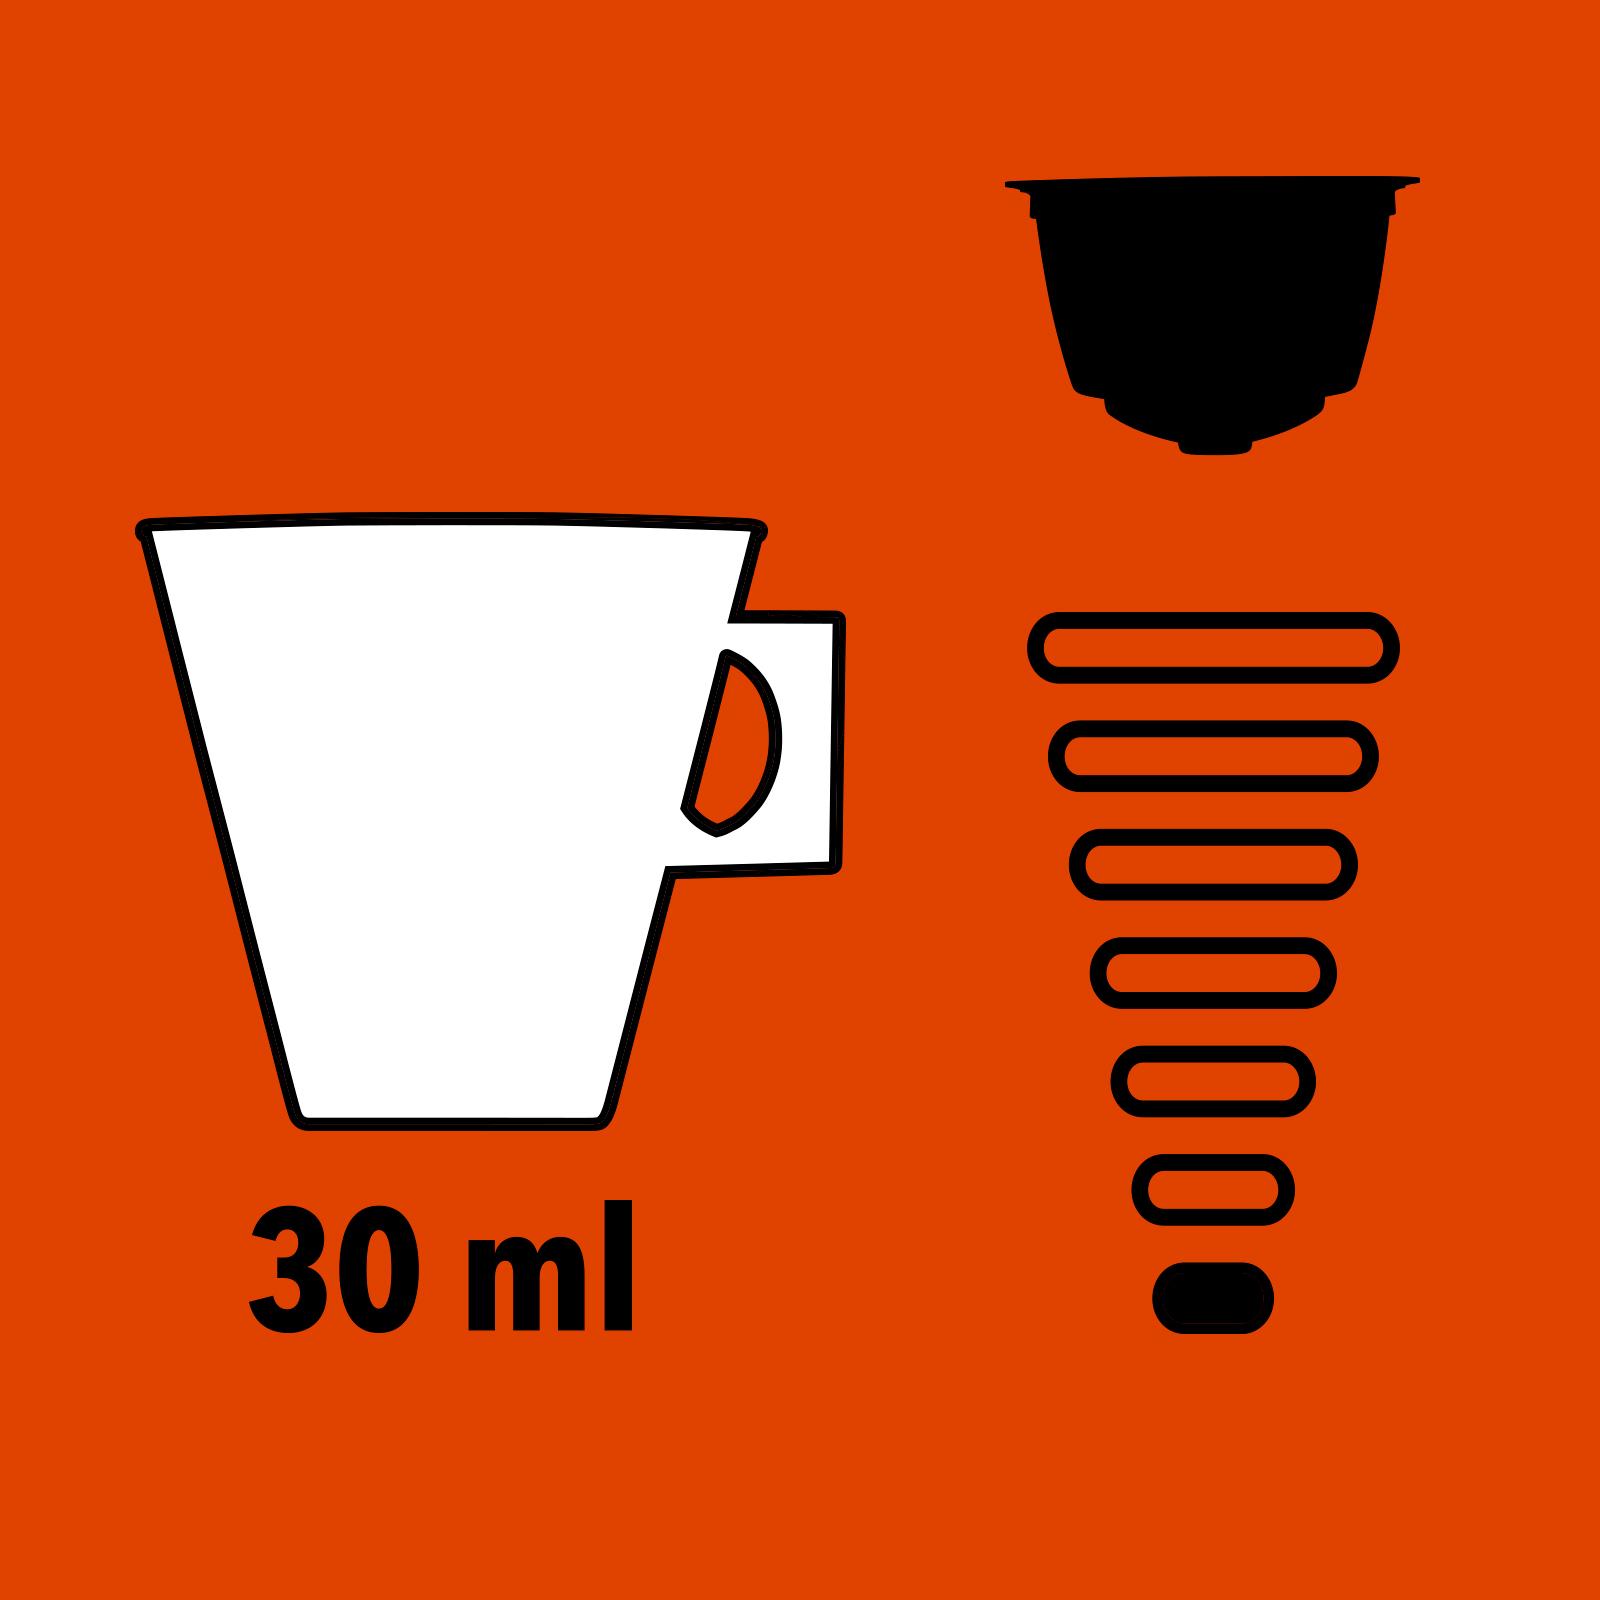 STARBUCKS Espresso Colombia 12 Cap 66g, x2 boxes FREE Espresso Mug